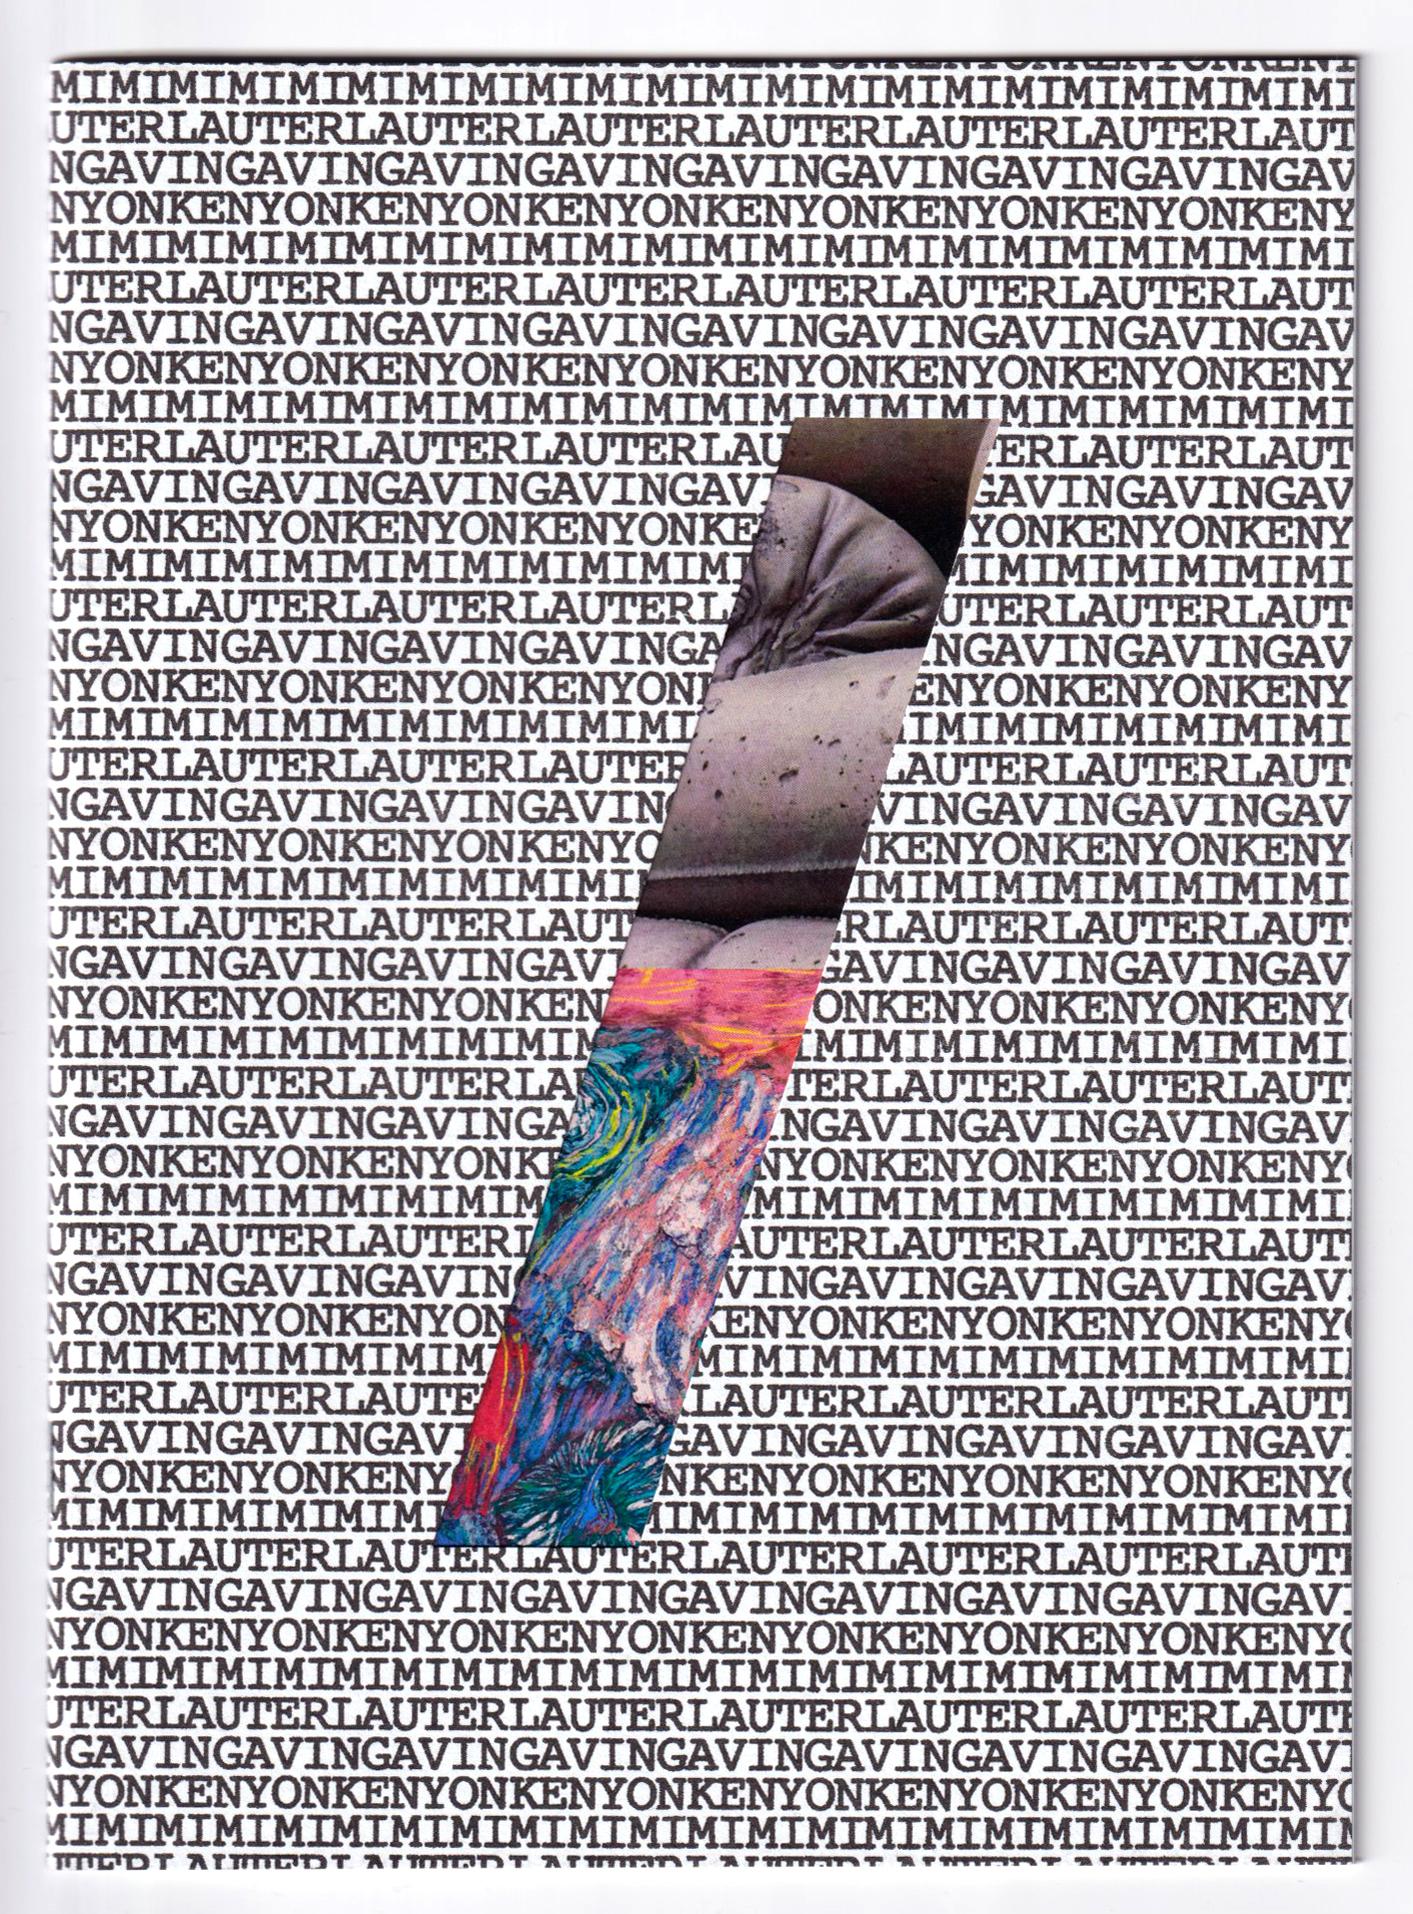 Gavin Kenyon / Mimi Lauter 00001